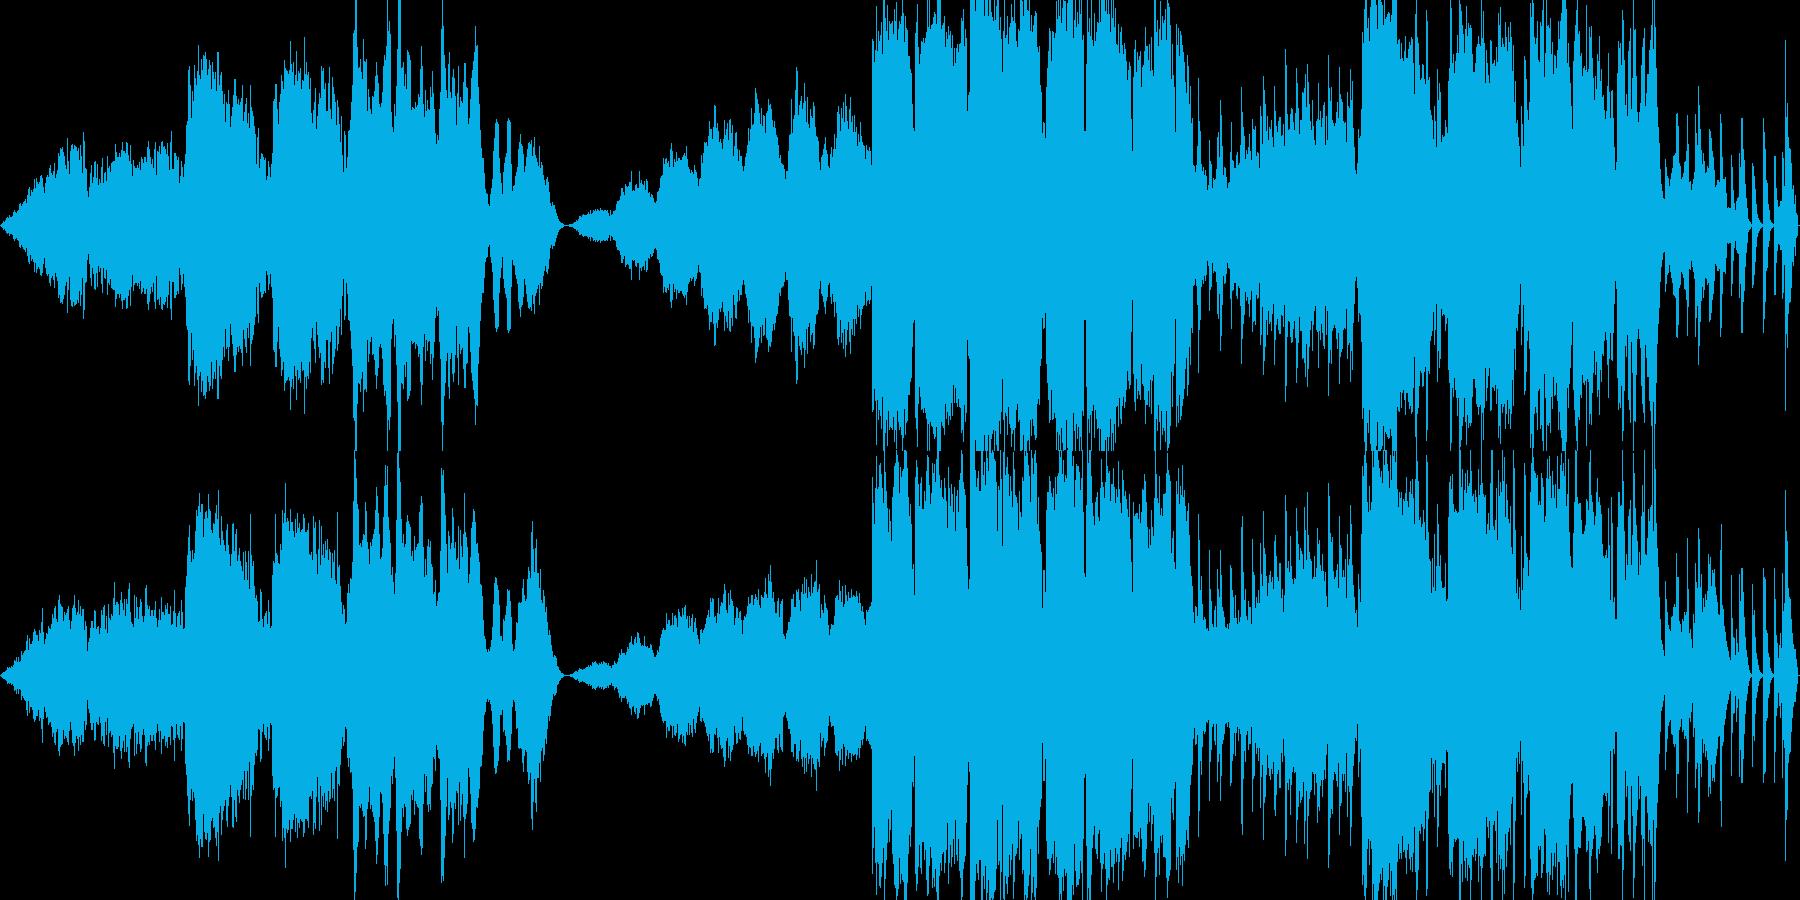 哀愁漂う民族調のレトロBGMの再生済みの波形